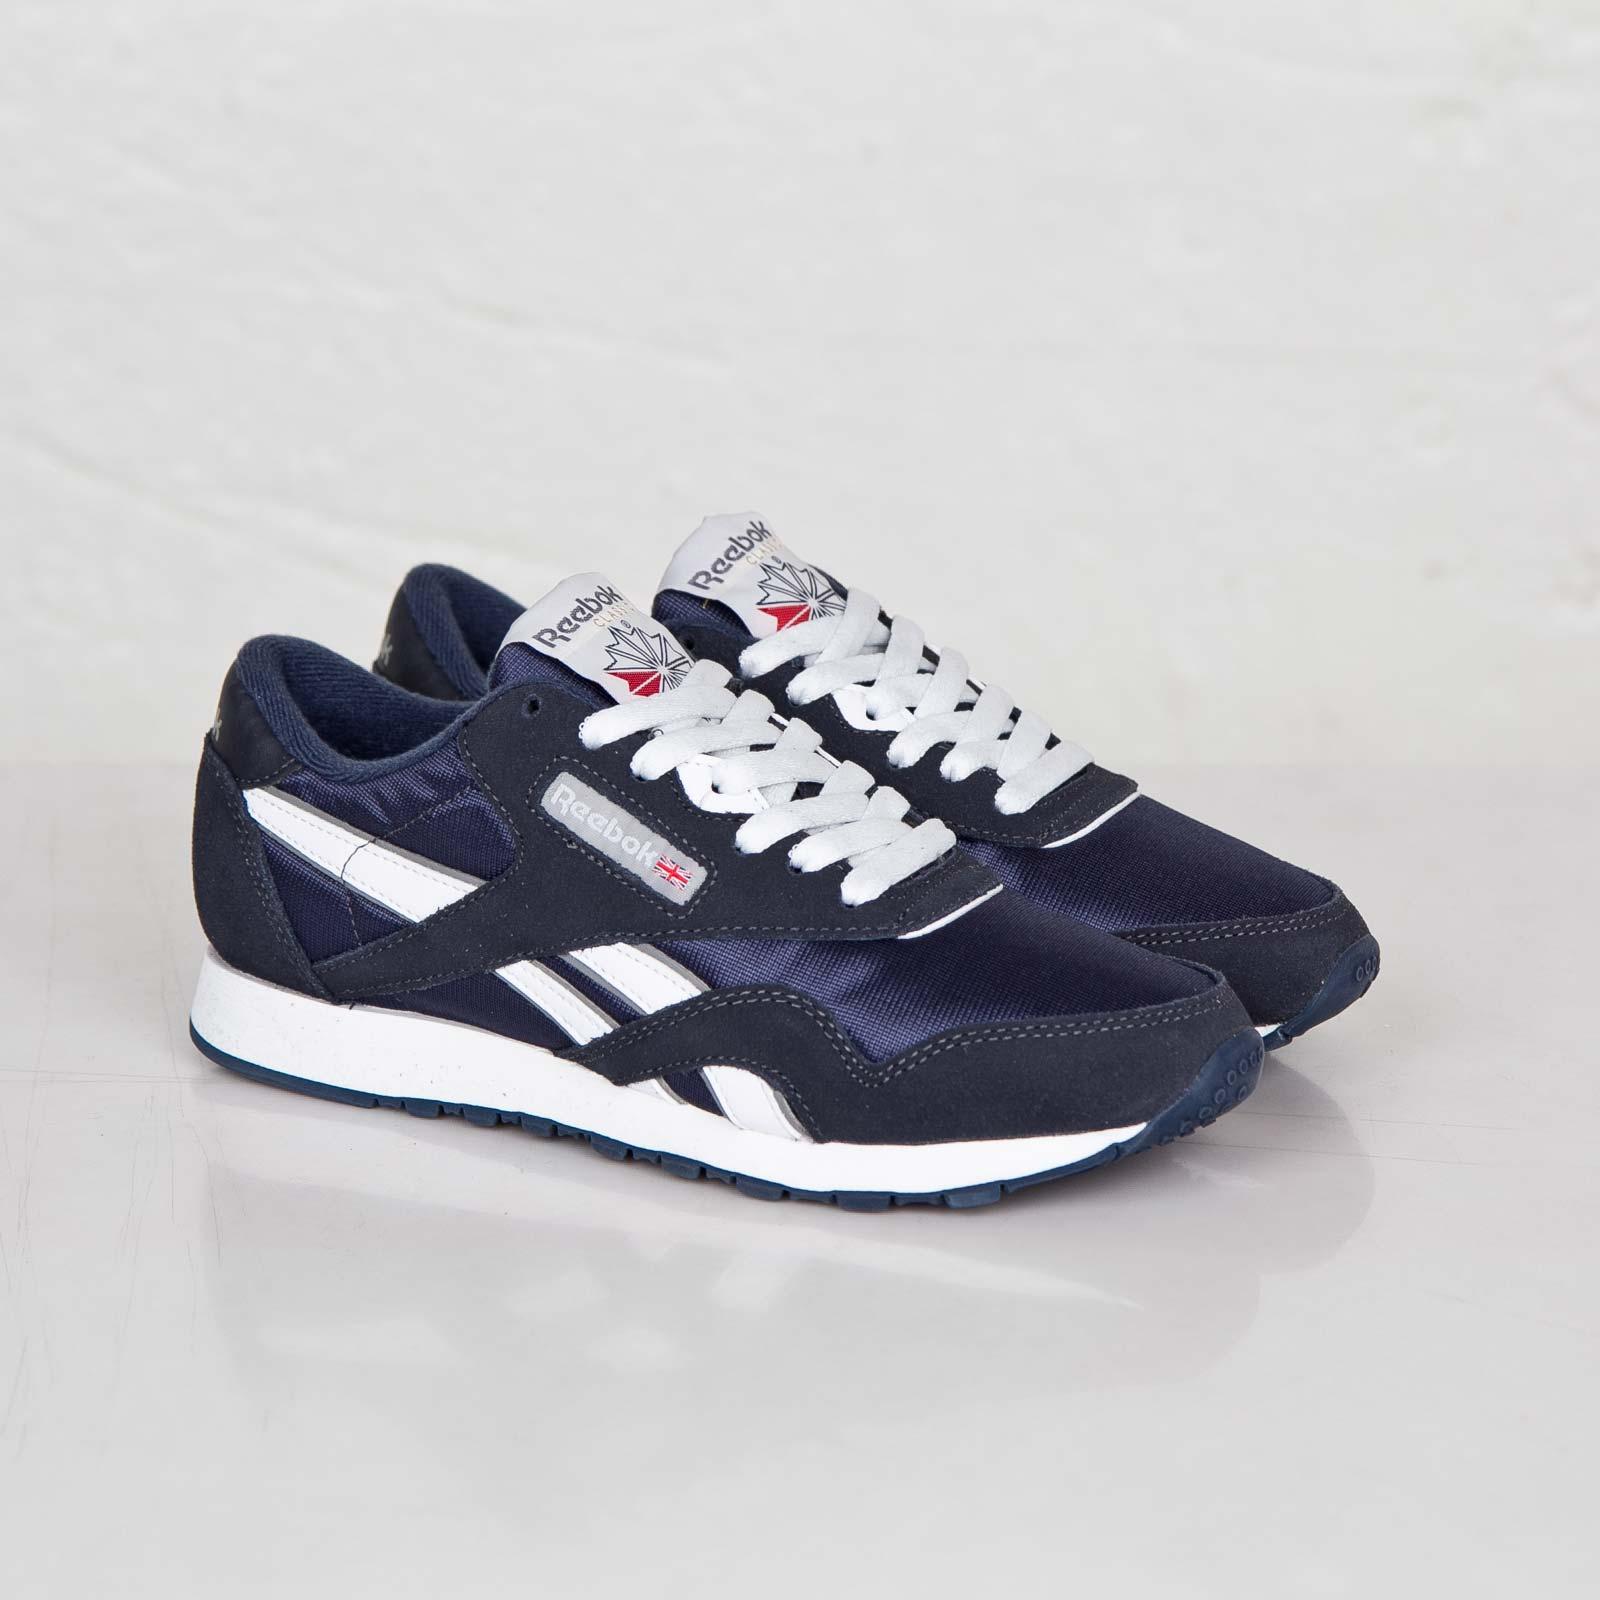 ffd49e20c12e6 Reebok Classic Nylon - 39750 - Sneakersnstuff